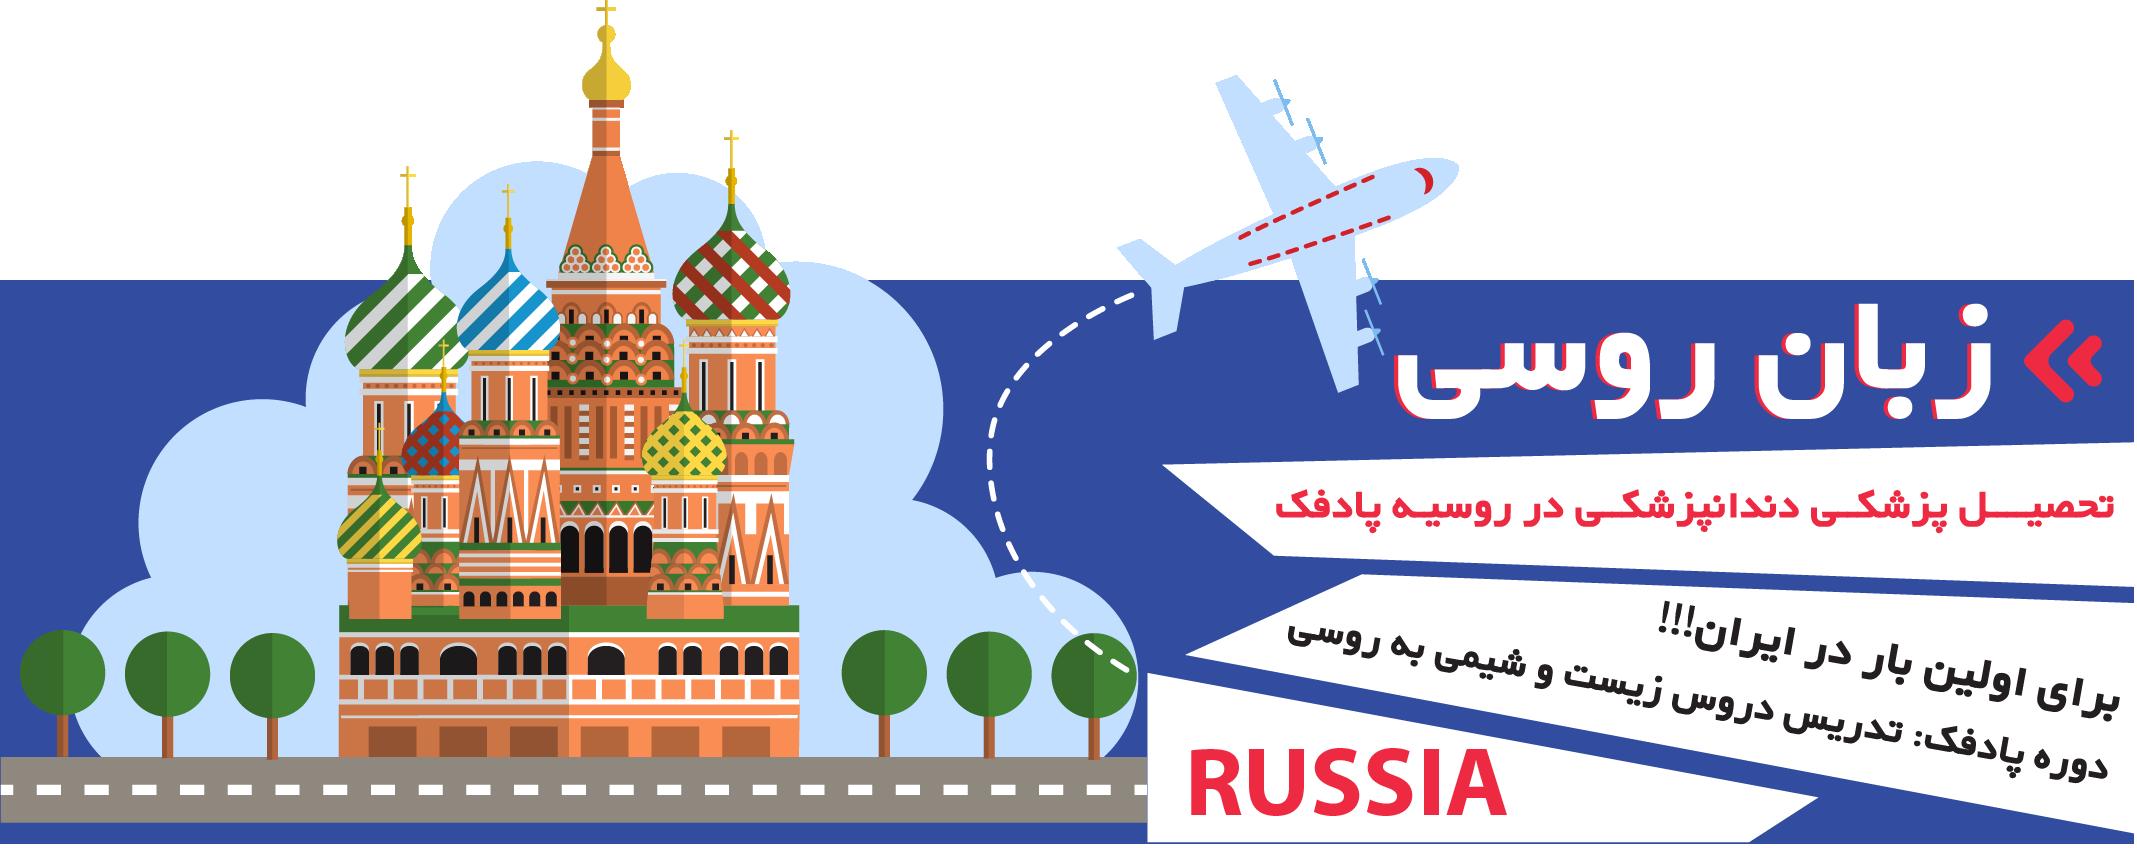 بهترین کلاس زبان روسی در بوشهر _ آموزش روسی بوشهر